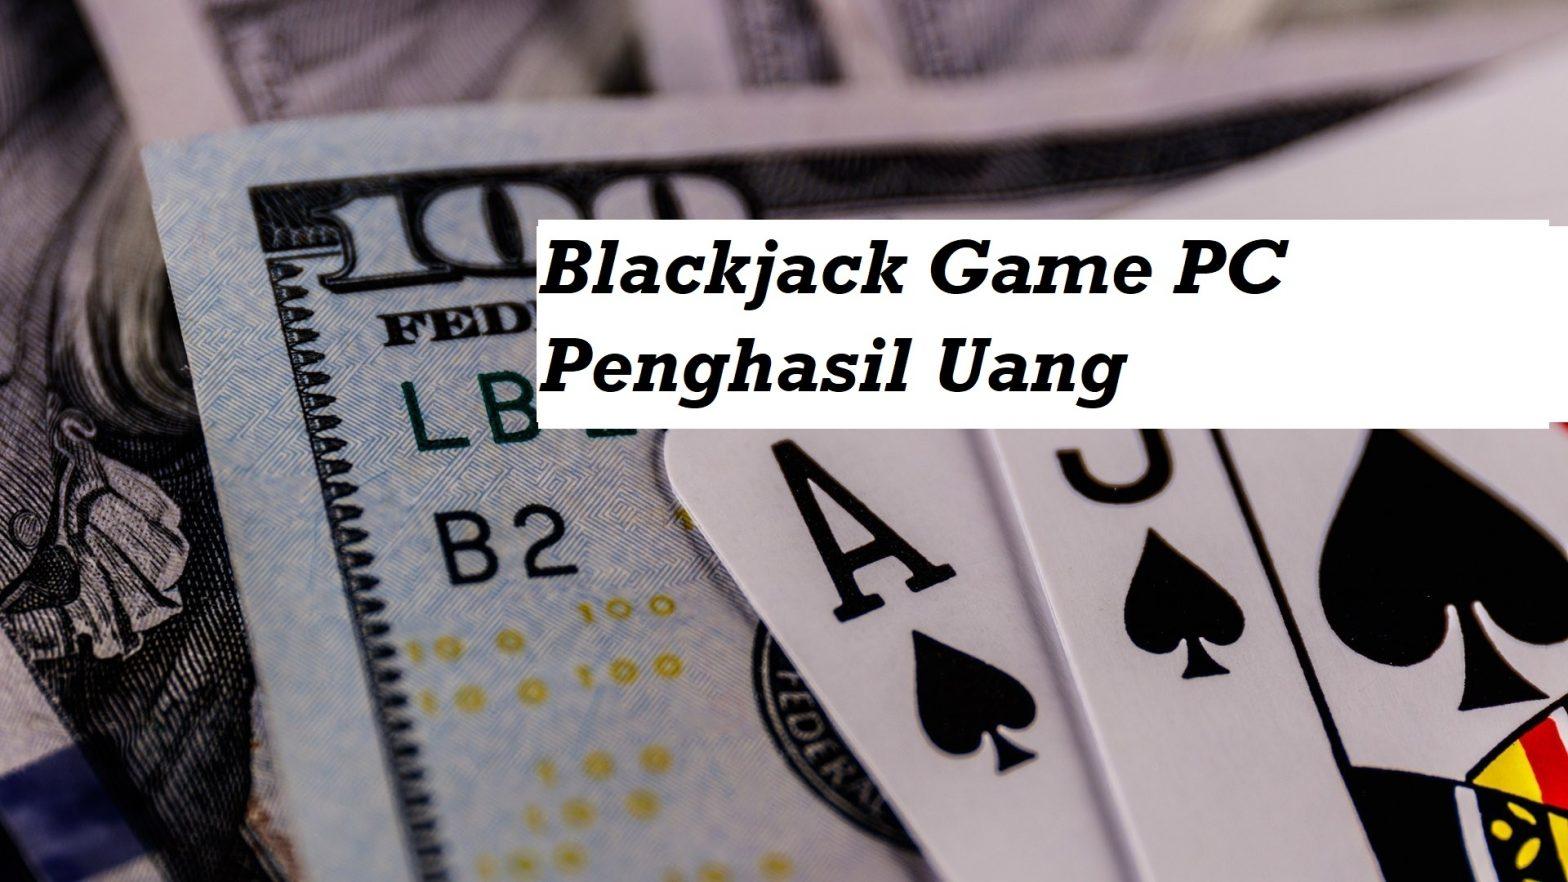 Blackjack Game PC Penghasil Uang